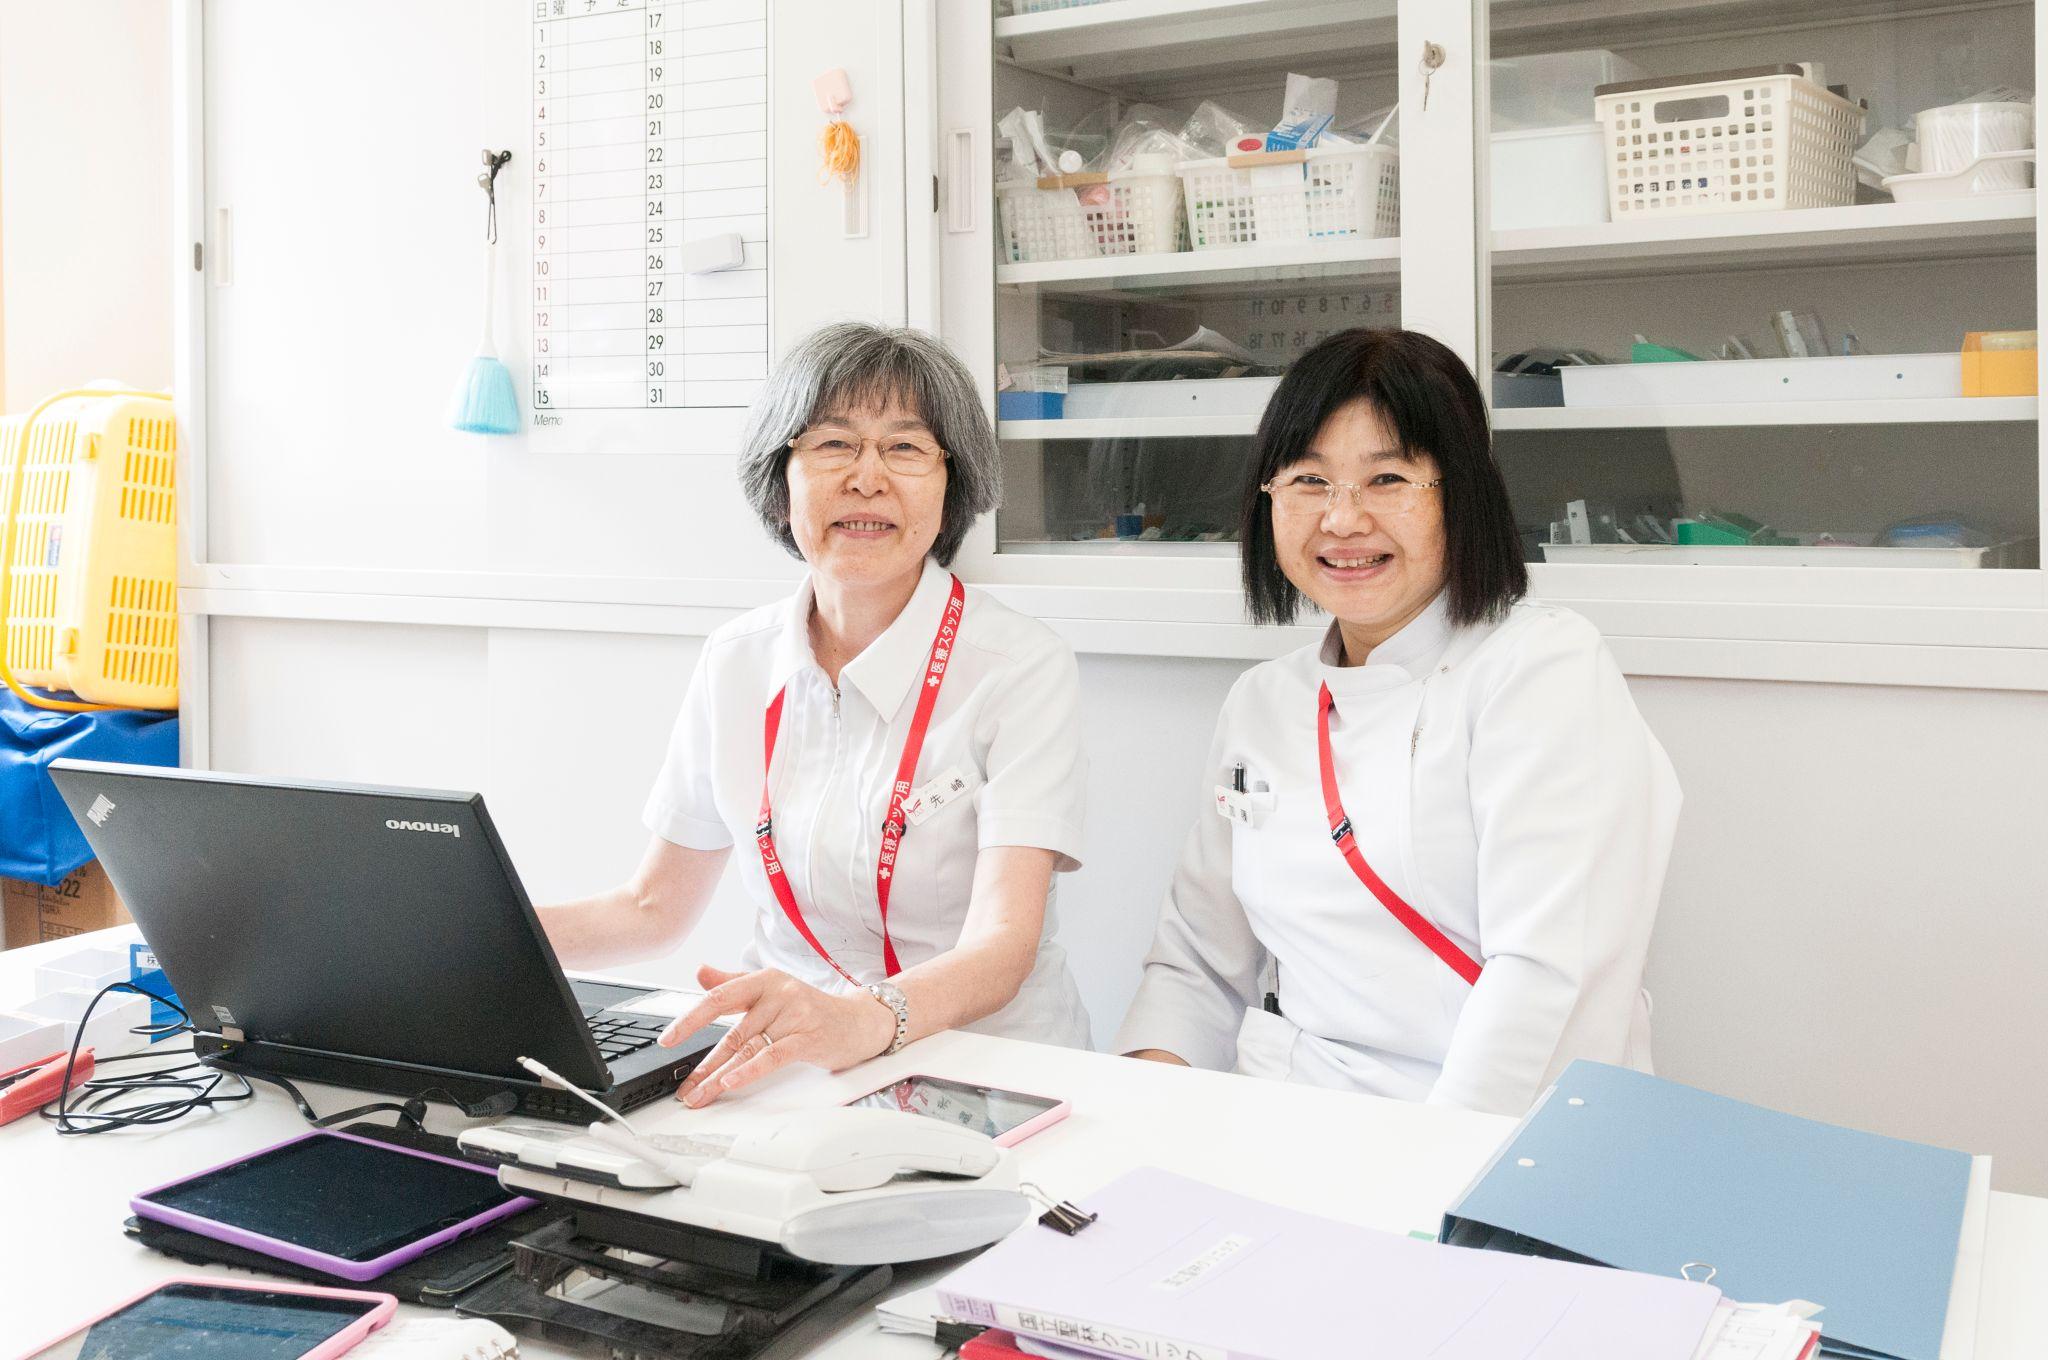 シルバーシティ聖蹟桜ヶ丘の看護師